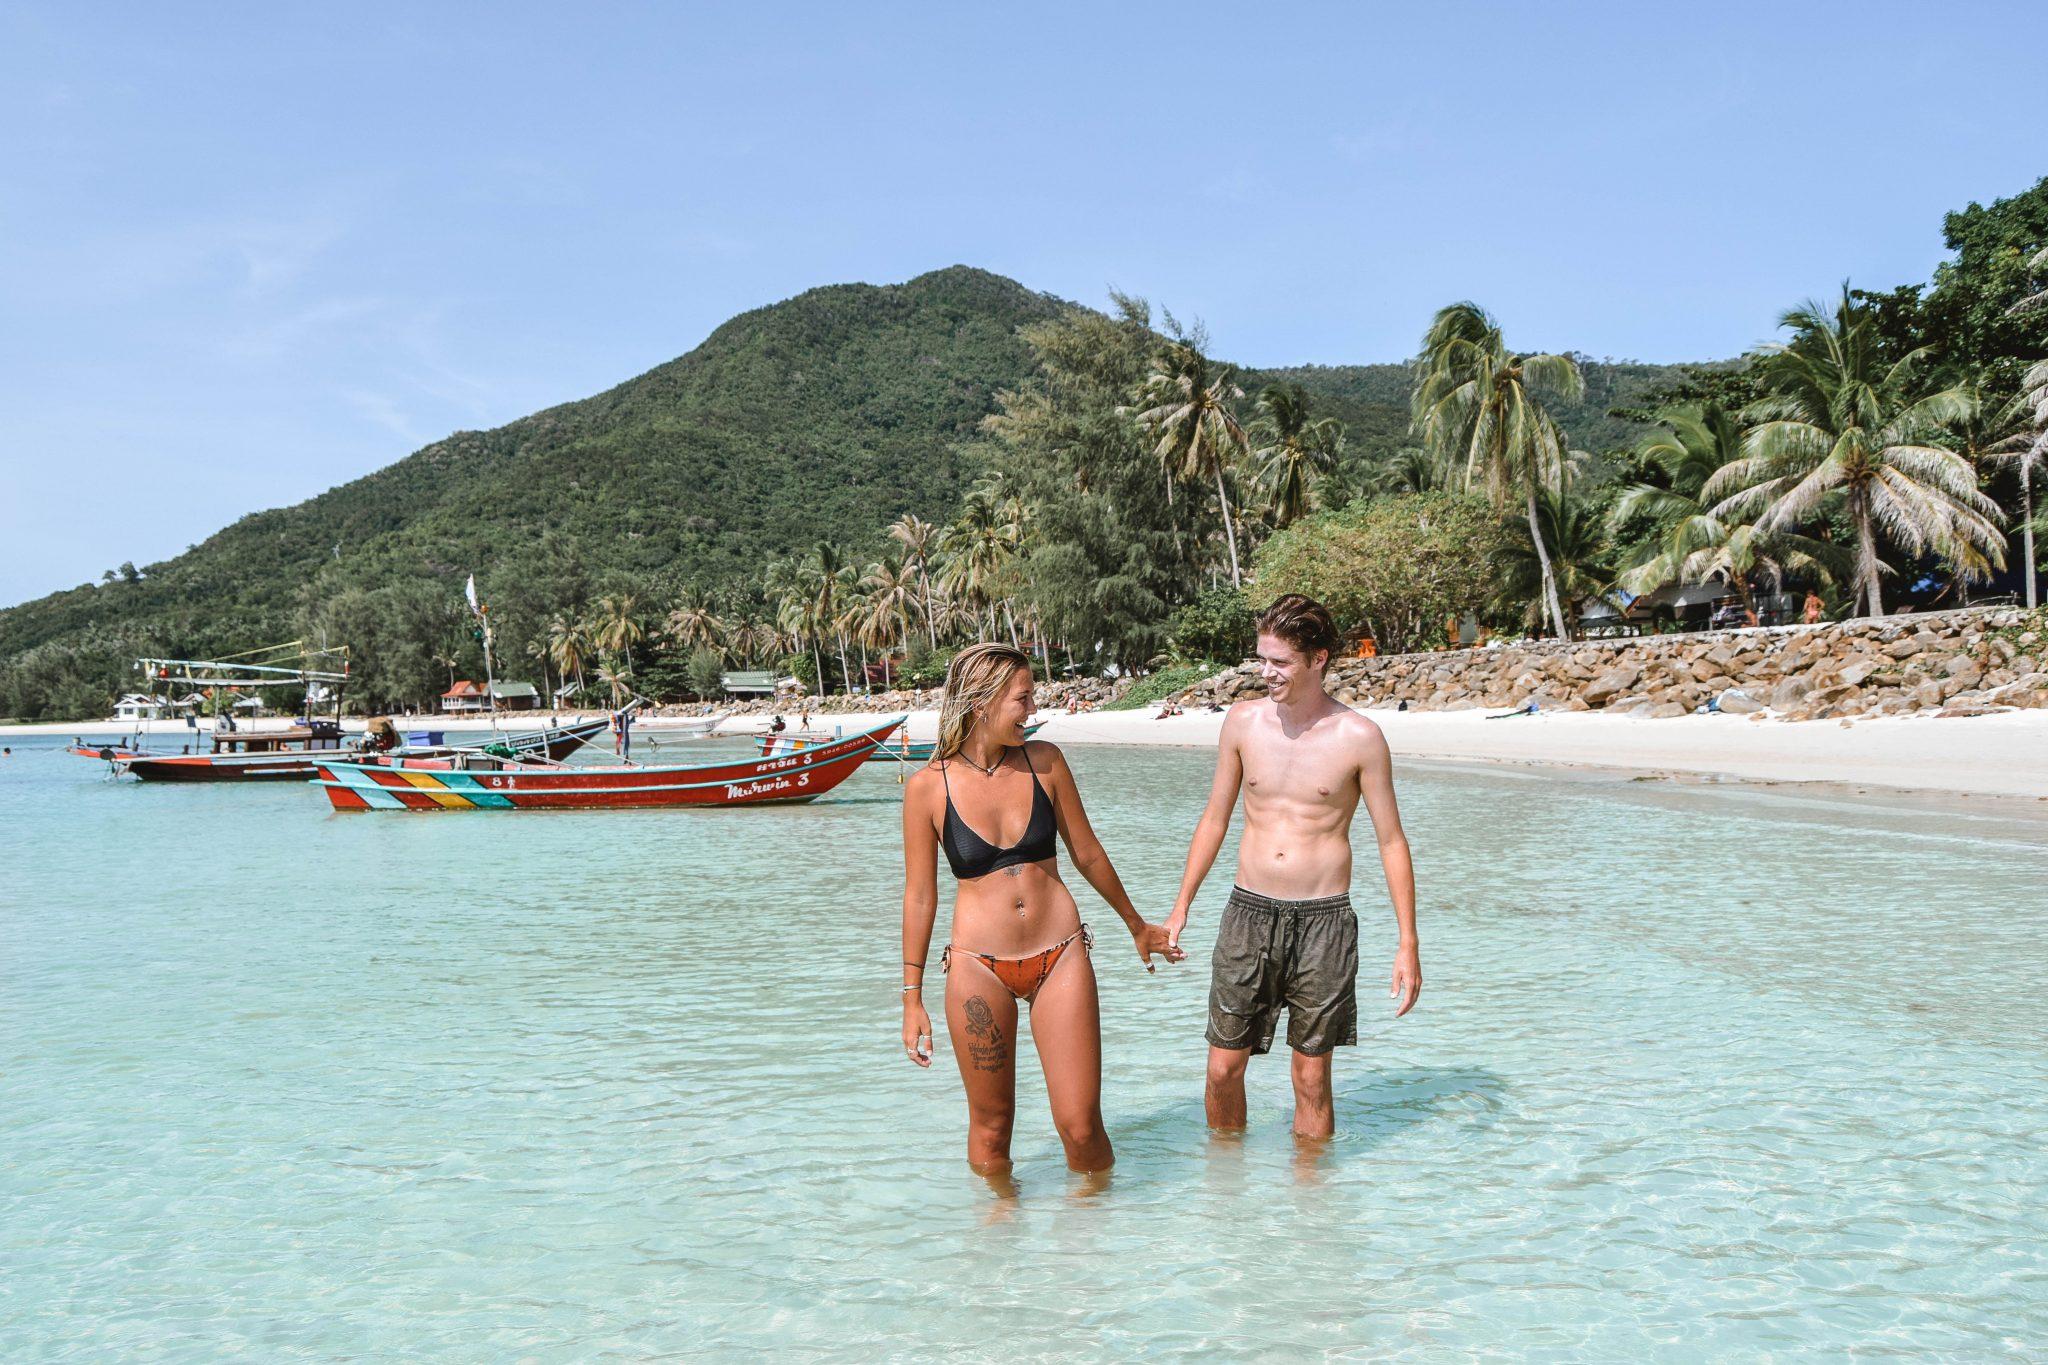 Wanderers & Warriors - Charlie & Lauren UK Travel Couple - Chaloklum Beach Koh Phangan Best Beaches Koh Phangan Beaches